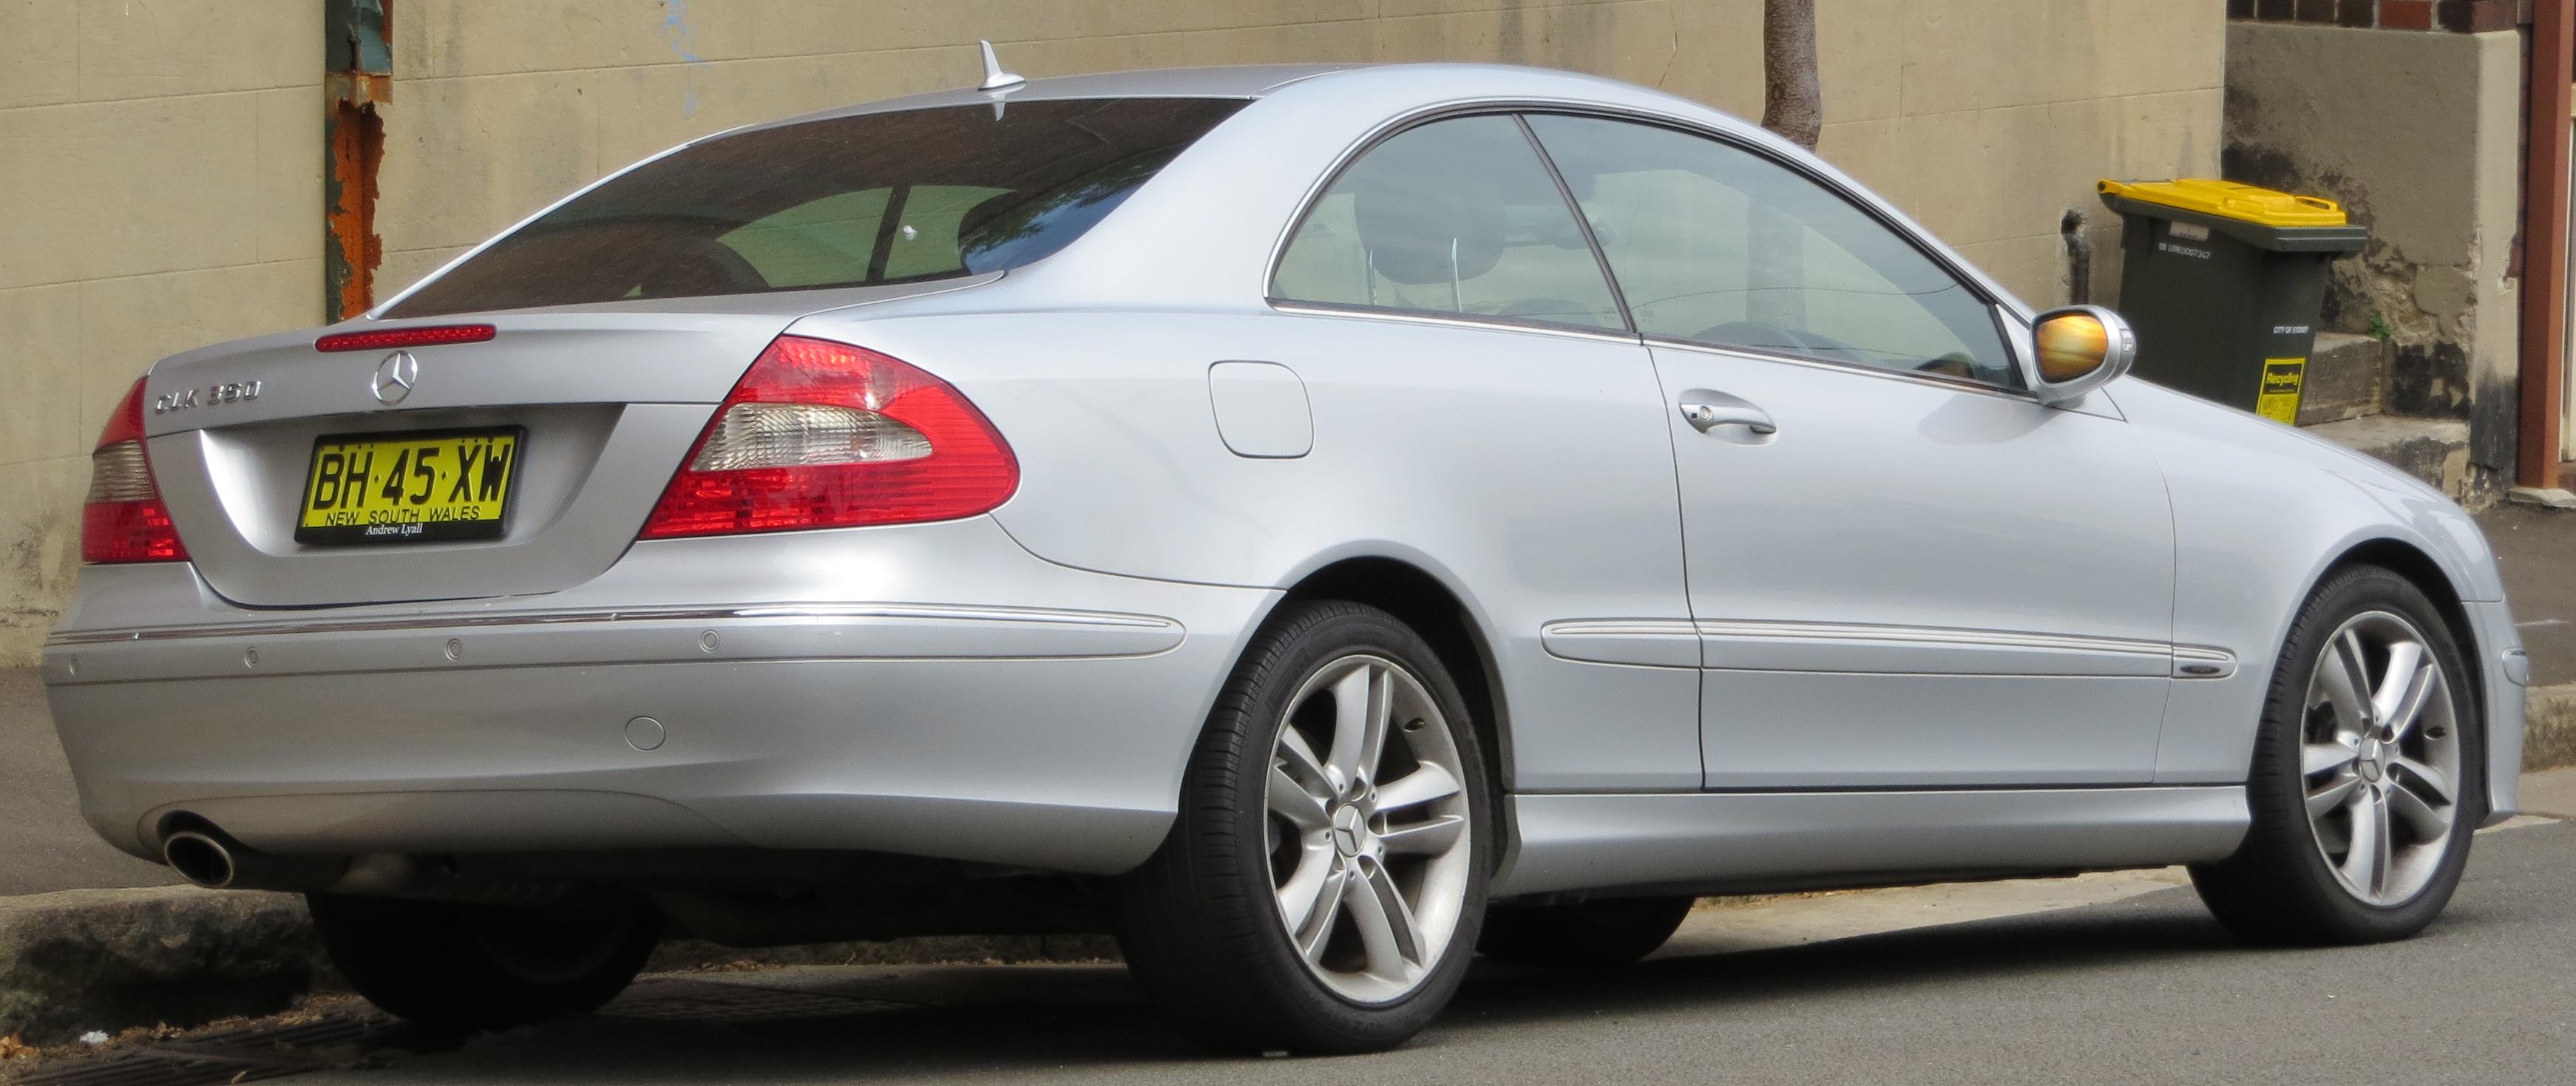 File:2006 Mercedes-Benz CLK 350 (C 209) Avantgarde coupe ...